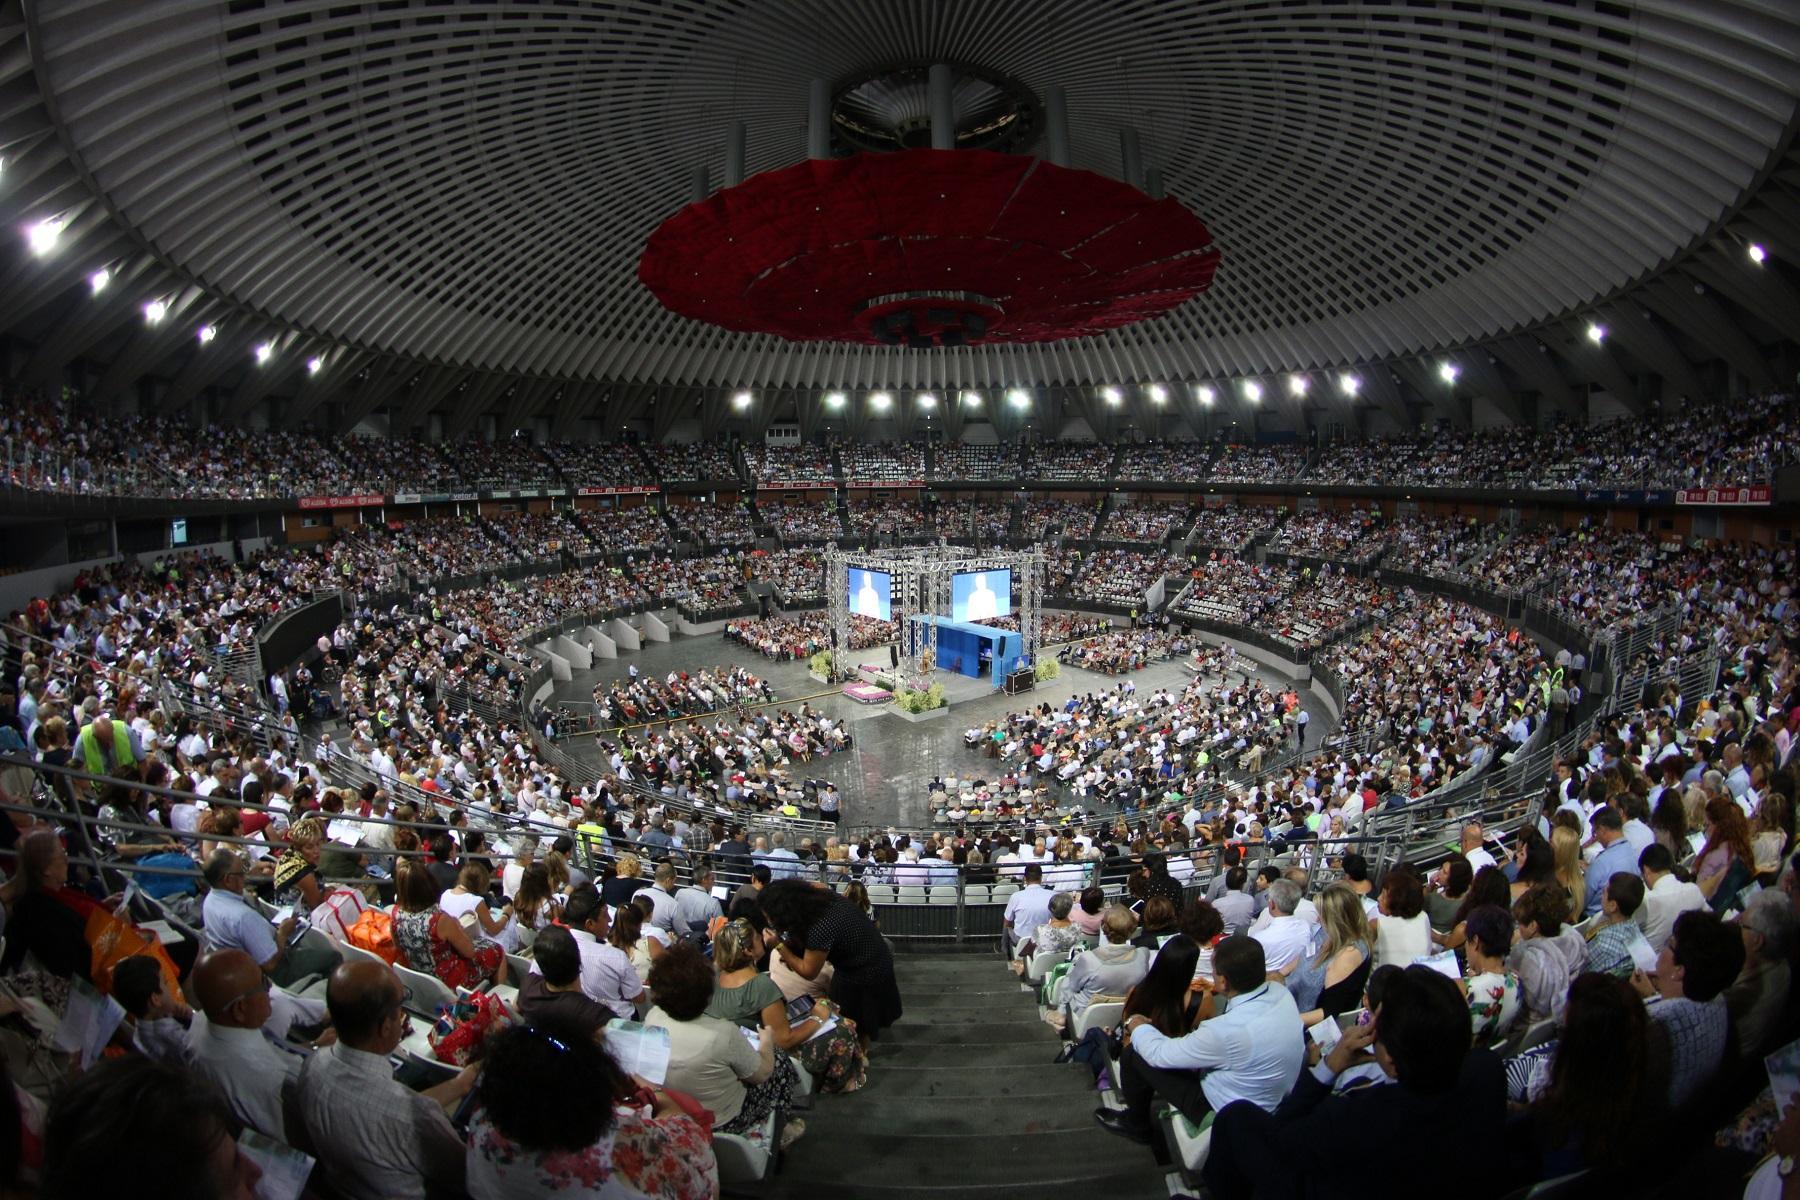 TECNOLOGIA AL SERVIZIO DELLA SPIRITUALITA' AL CONGRESSO DEI TESTIMONI DI GEOVA